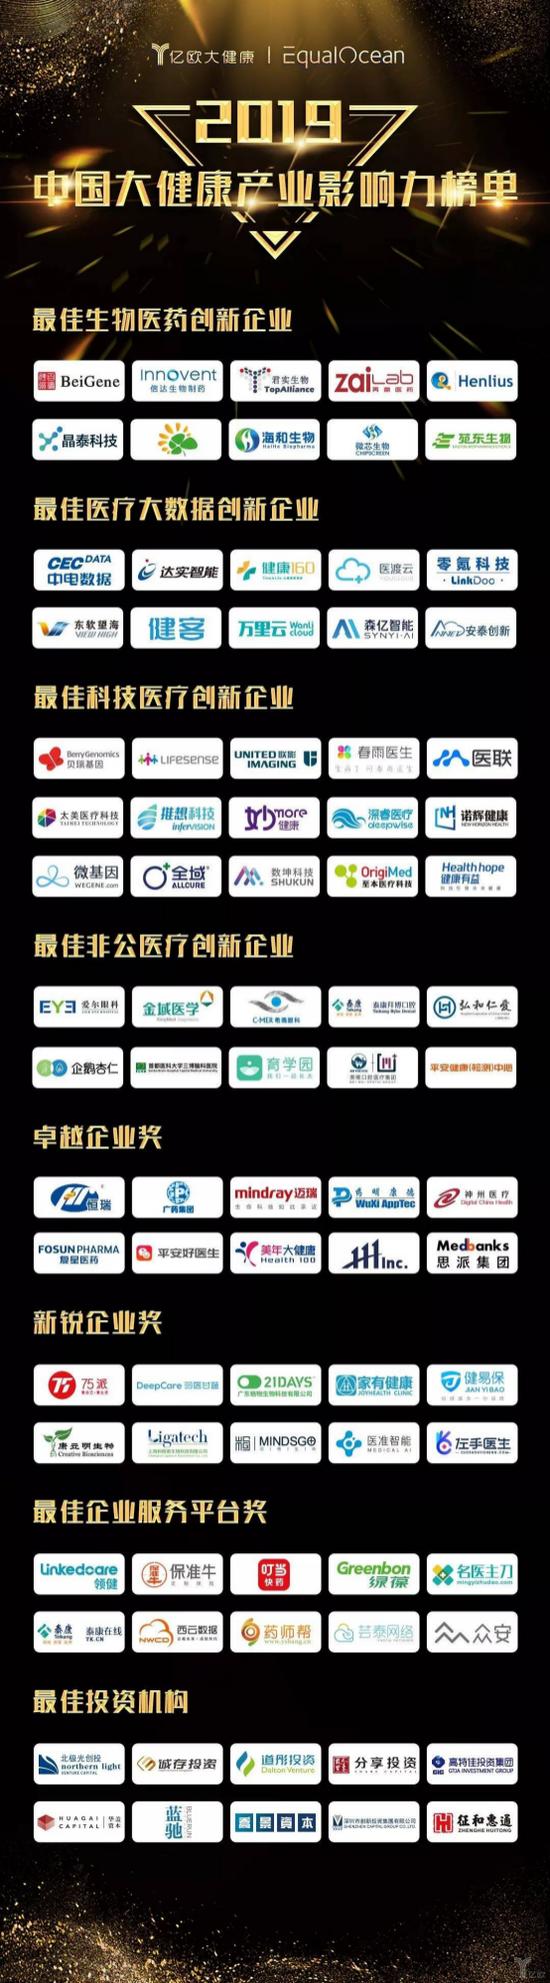 ??2019年中国大压博|官网产业影响力